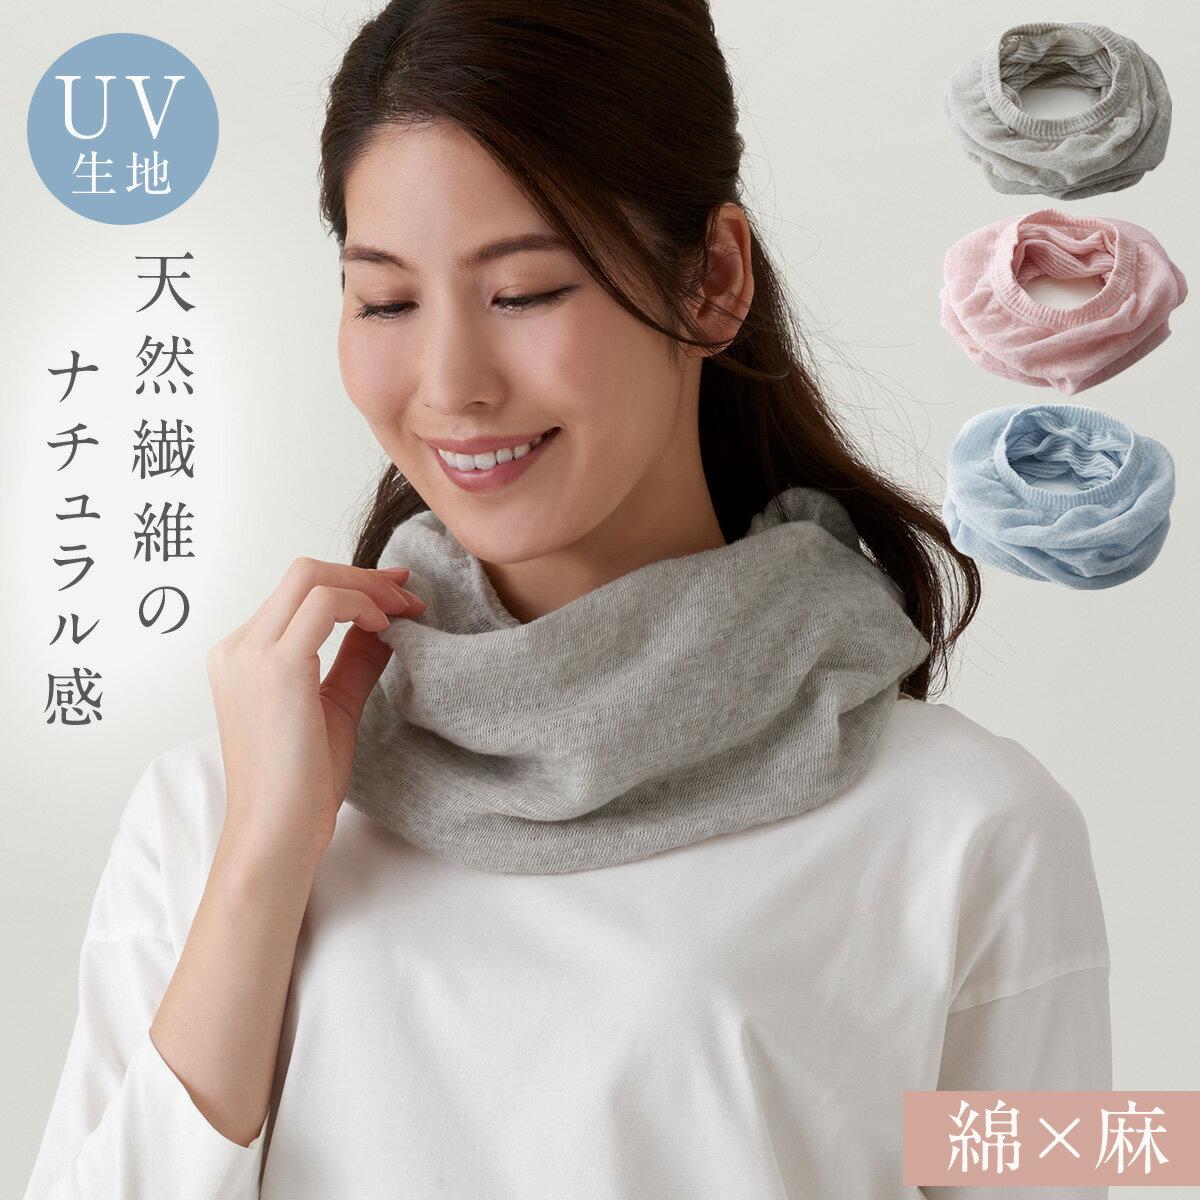 ネックカバー uvカット 紫外線対策 日焼け防止 ふんわり綿麻UVネックカバー レディースファッション